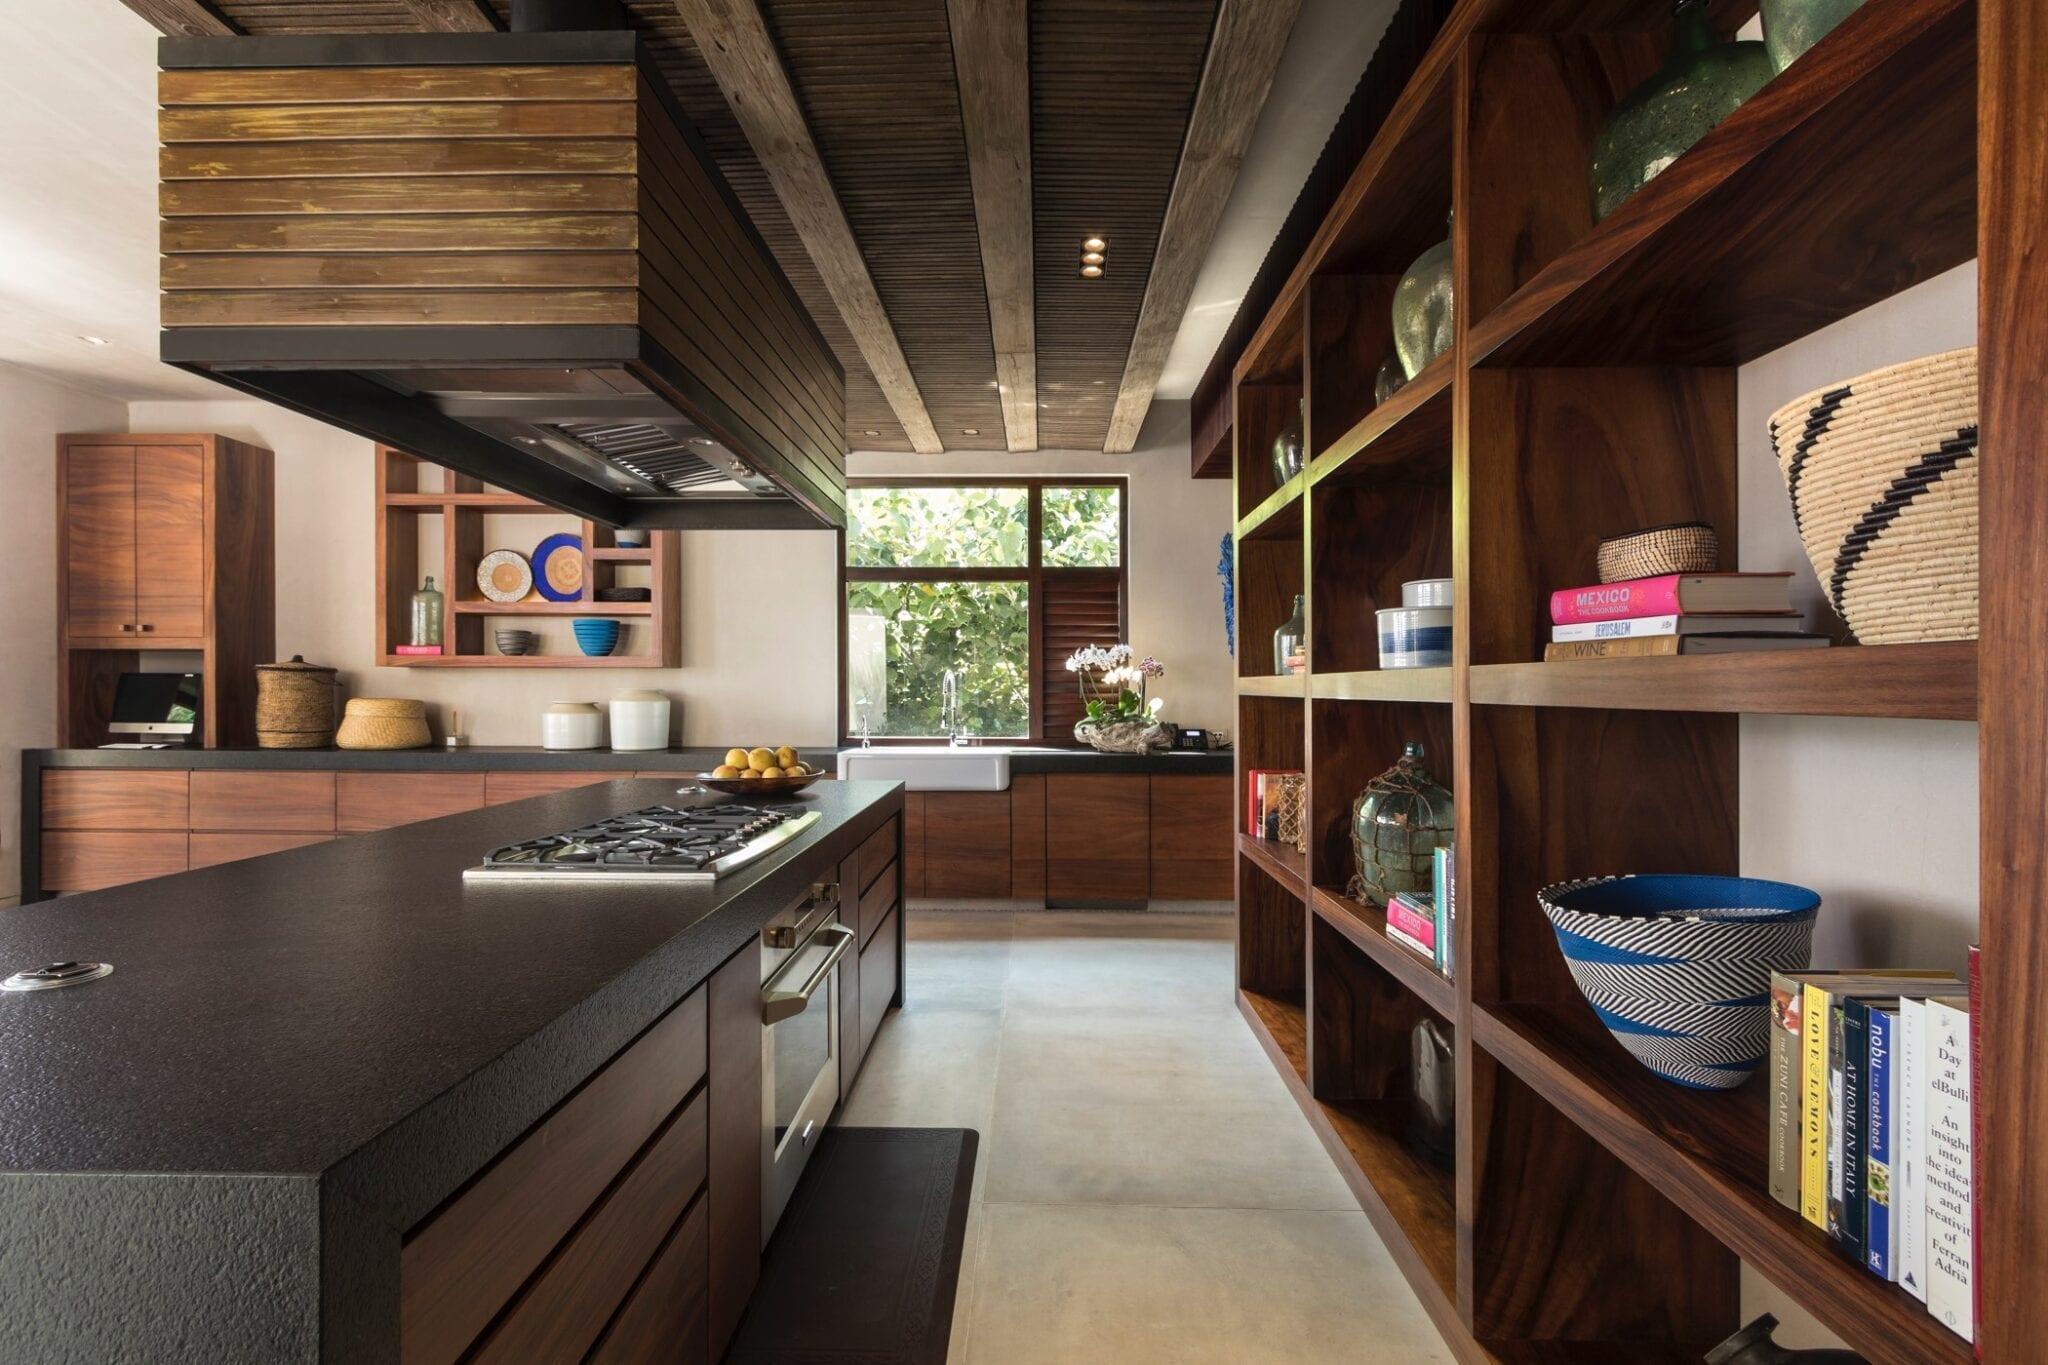 Casa Koko Kitchen